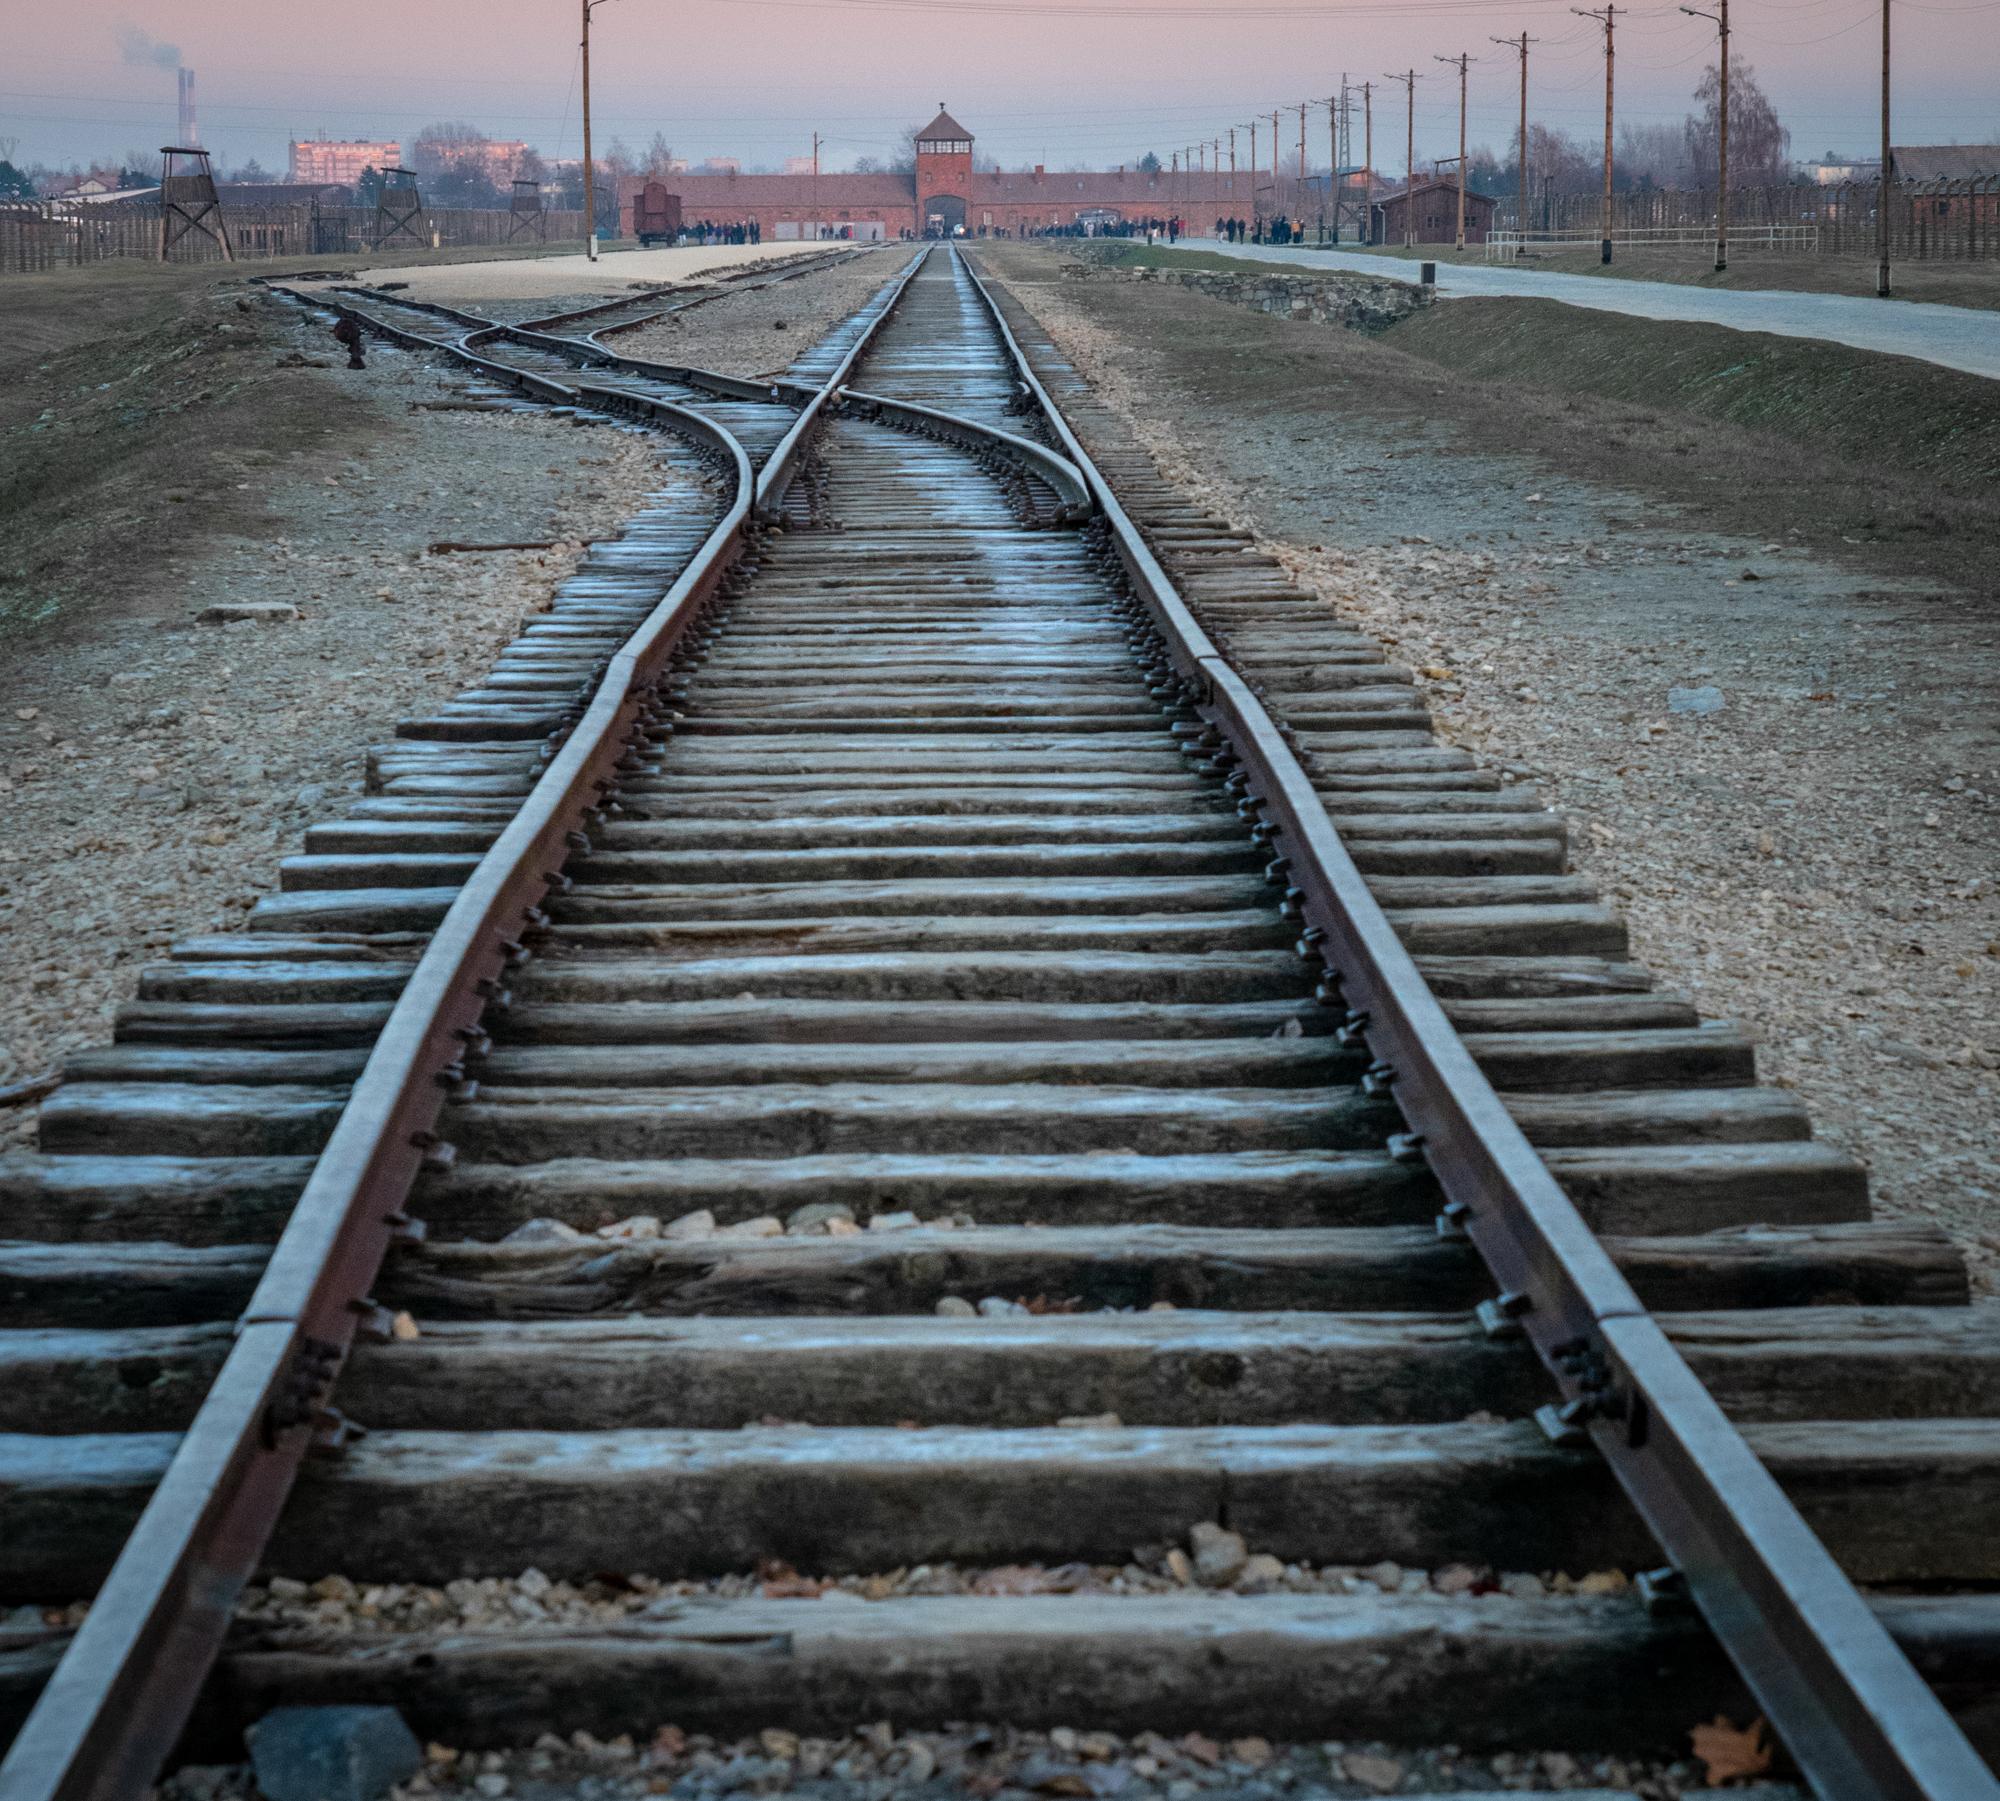 Auschwitz-Birkenau Railway